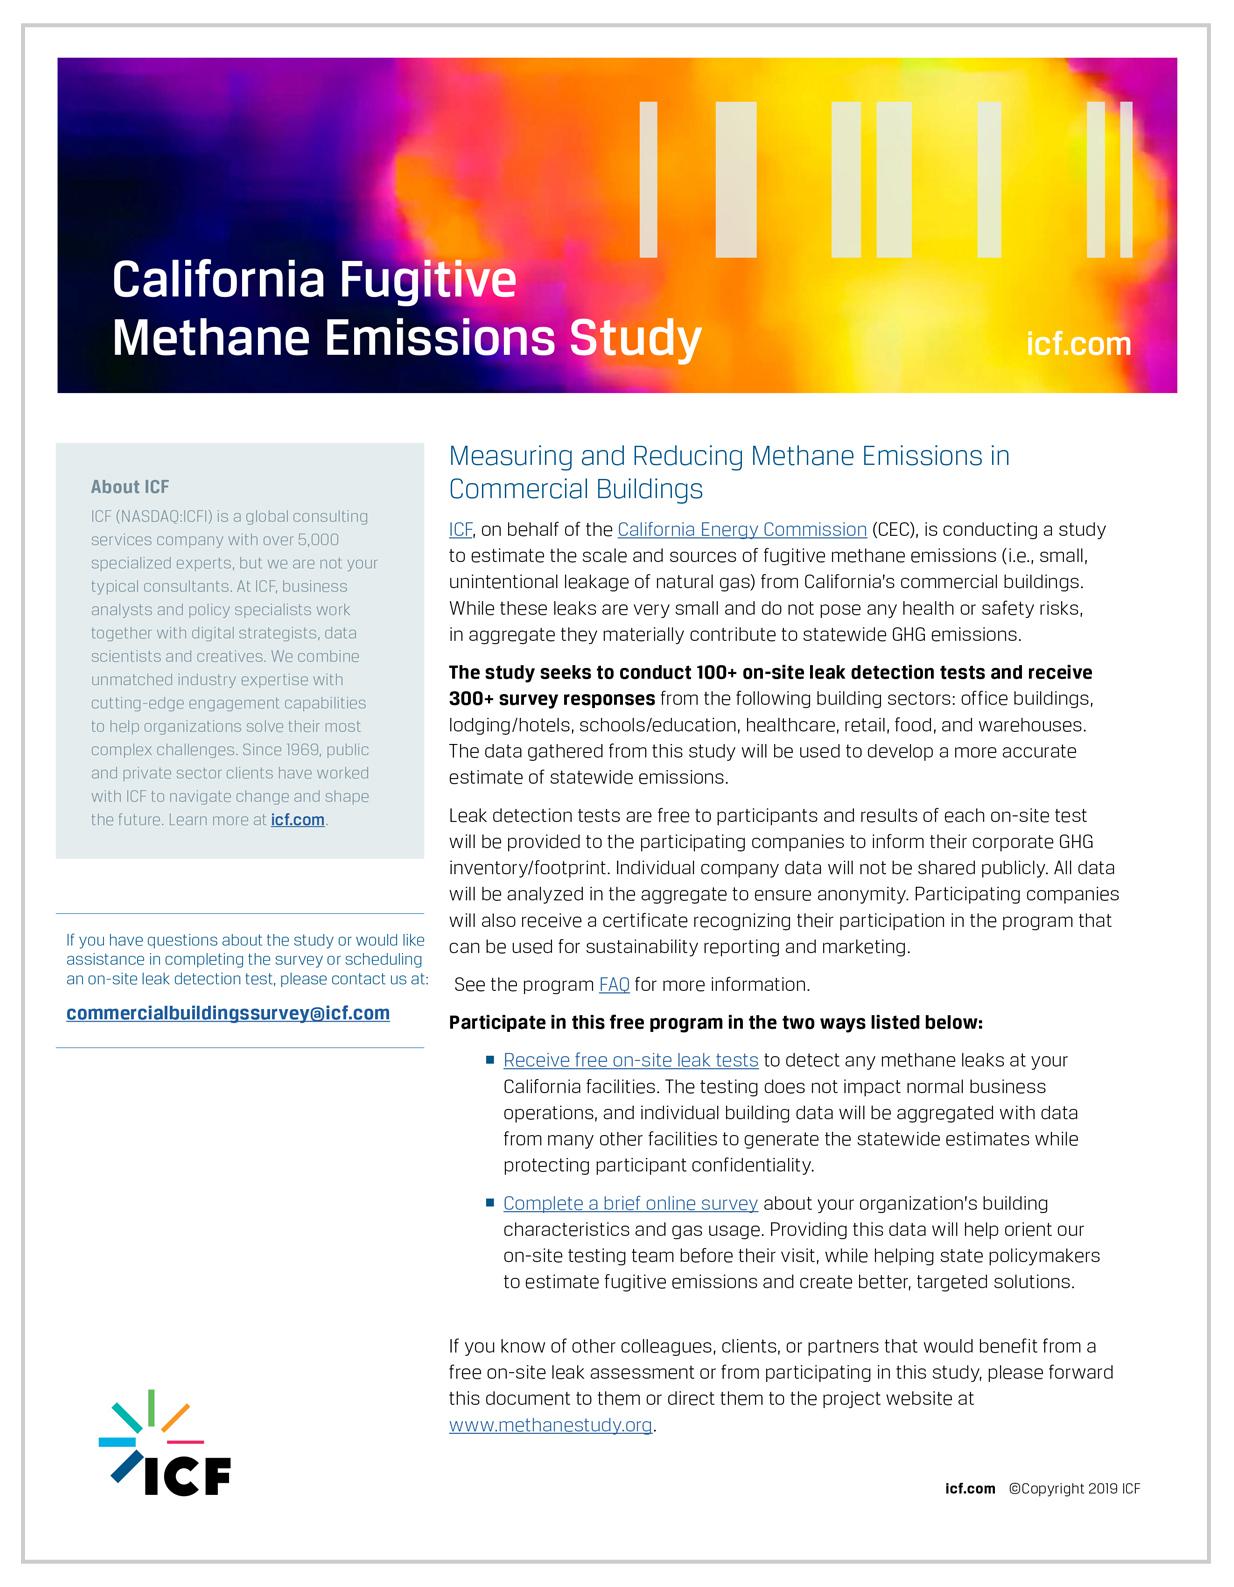 Fact Sheet - California Fugitive Methane Emissions Study